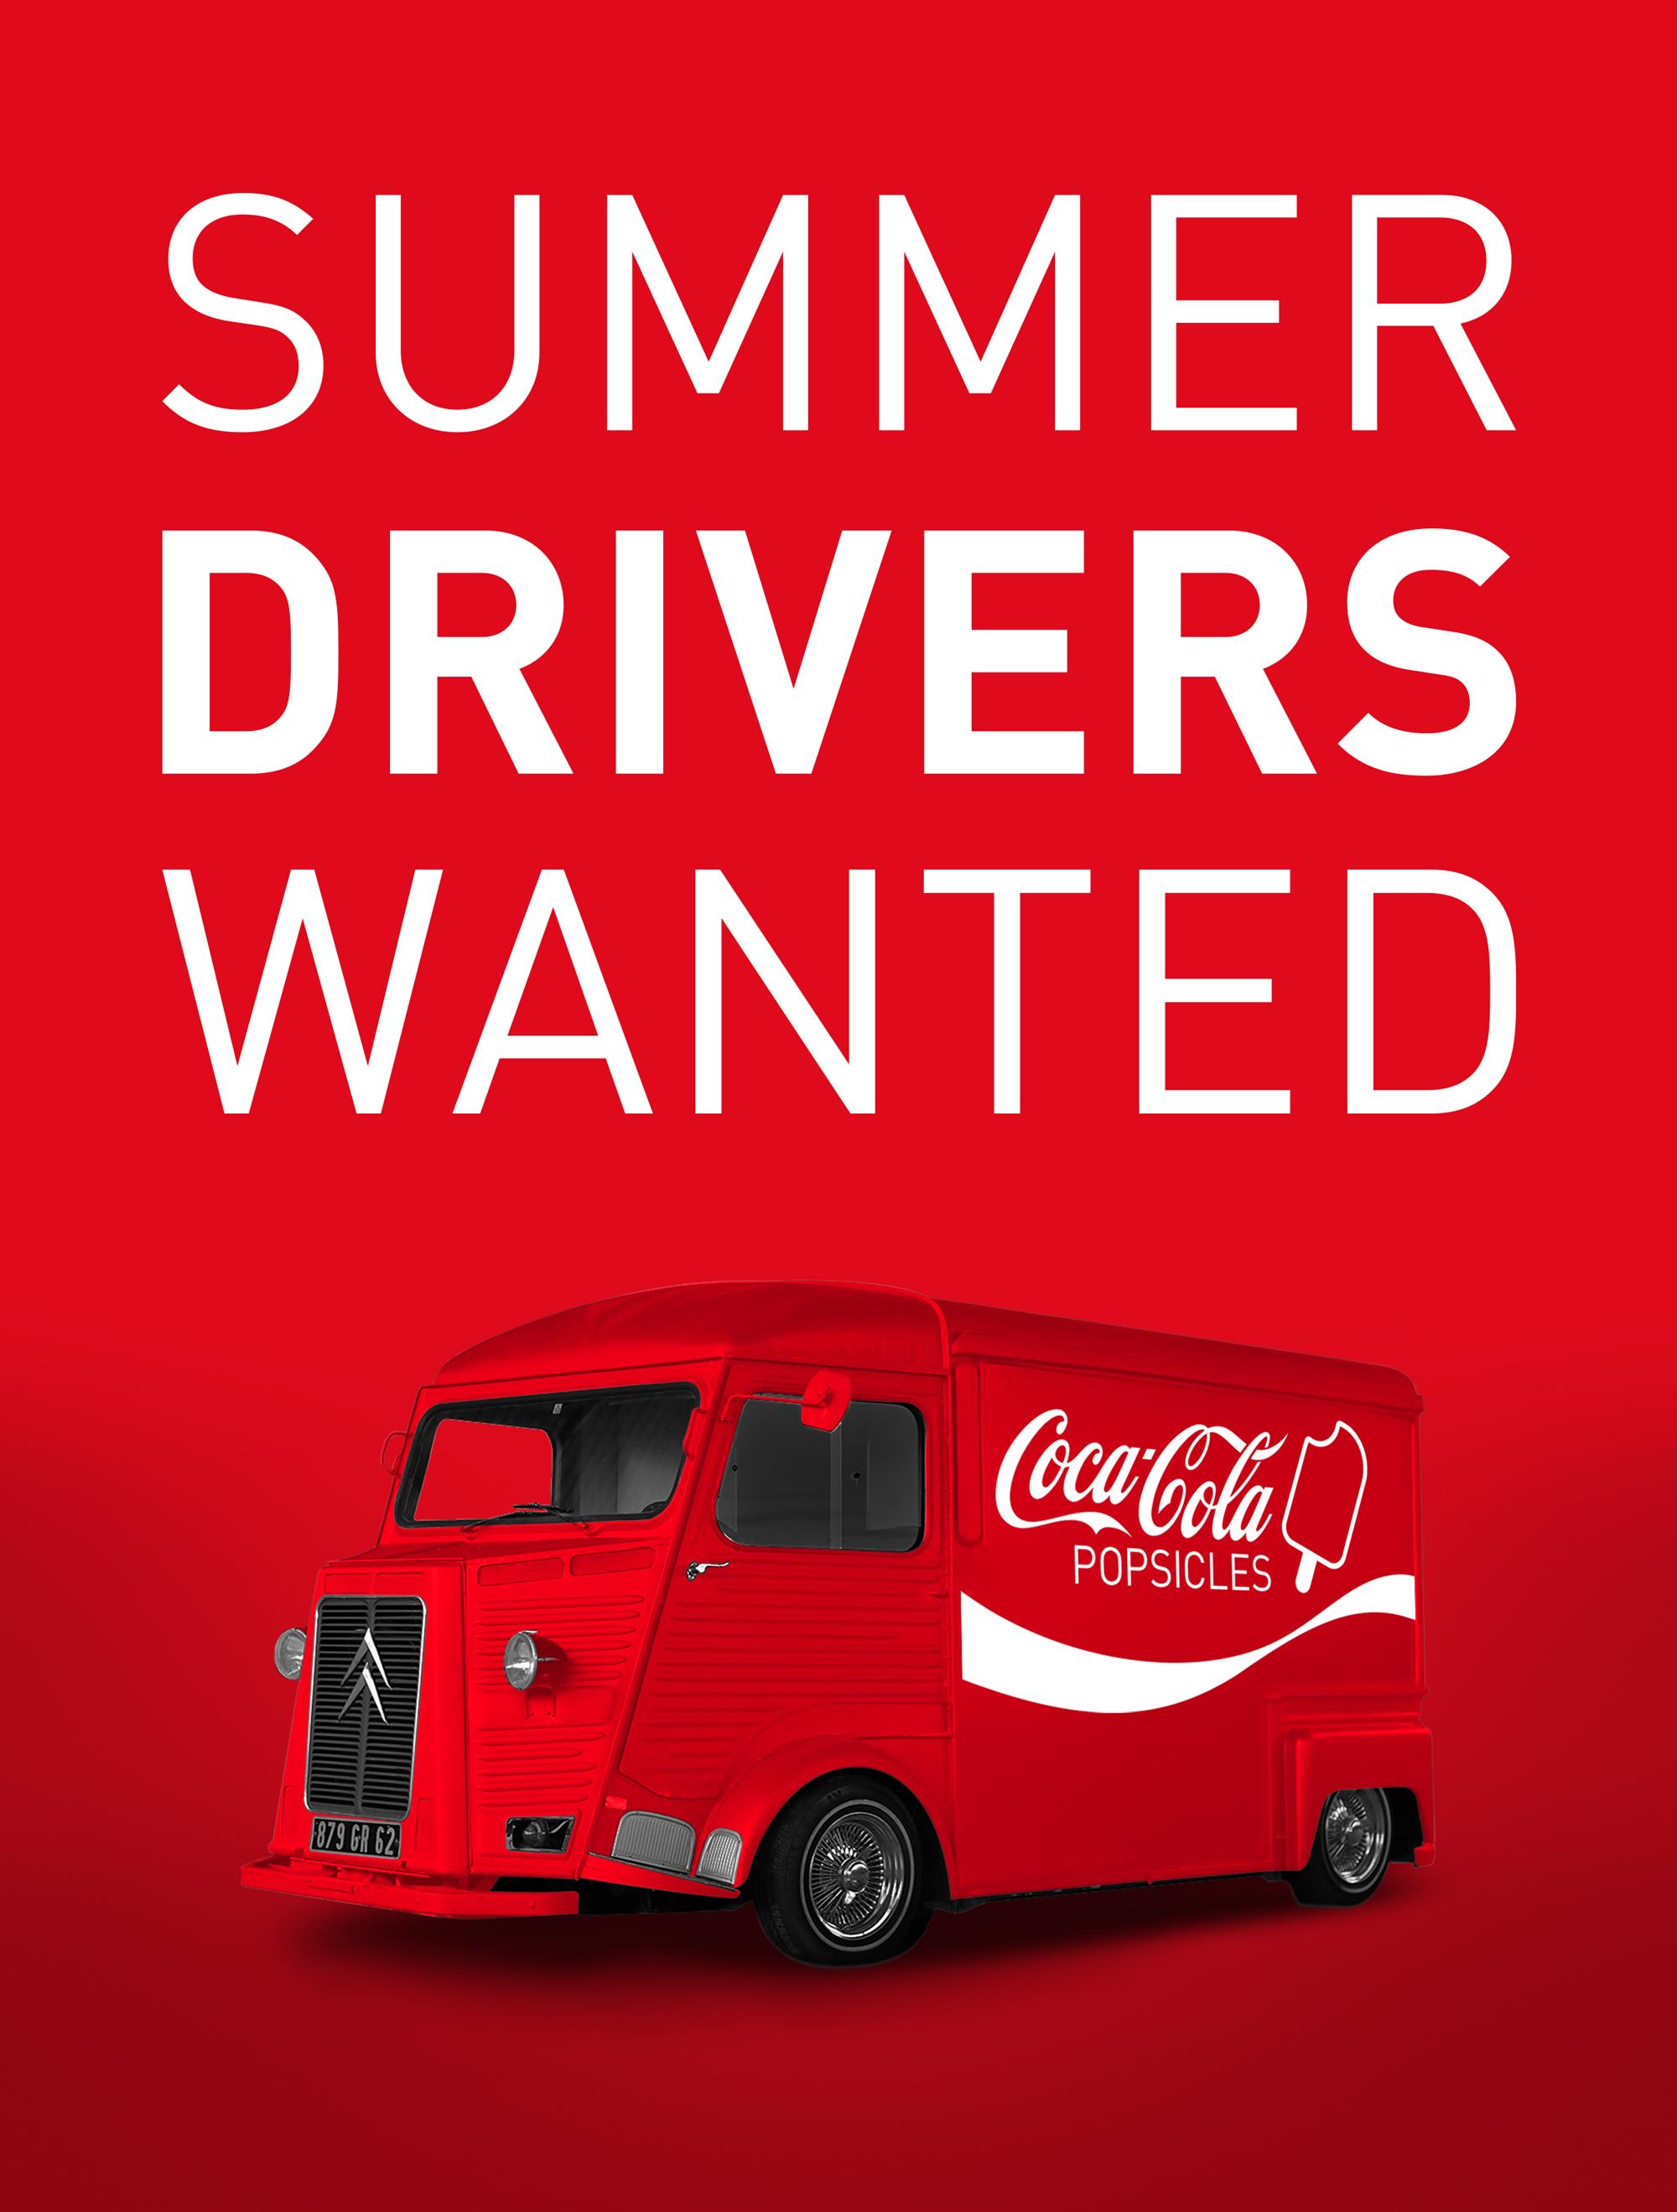 CC-popsicle-truck-poster.jpg